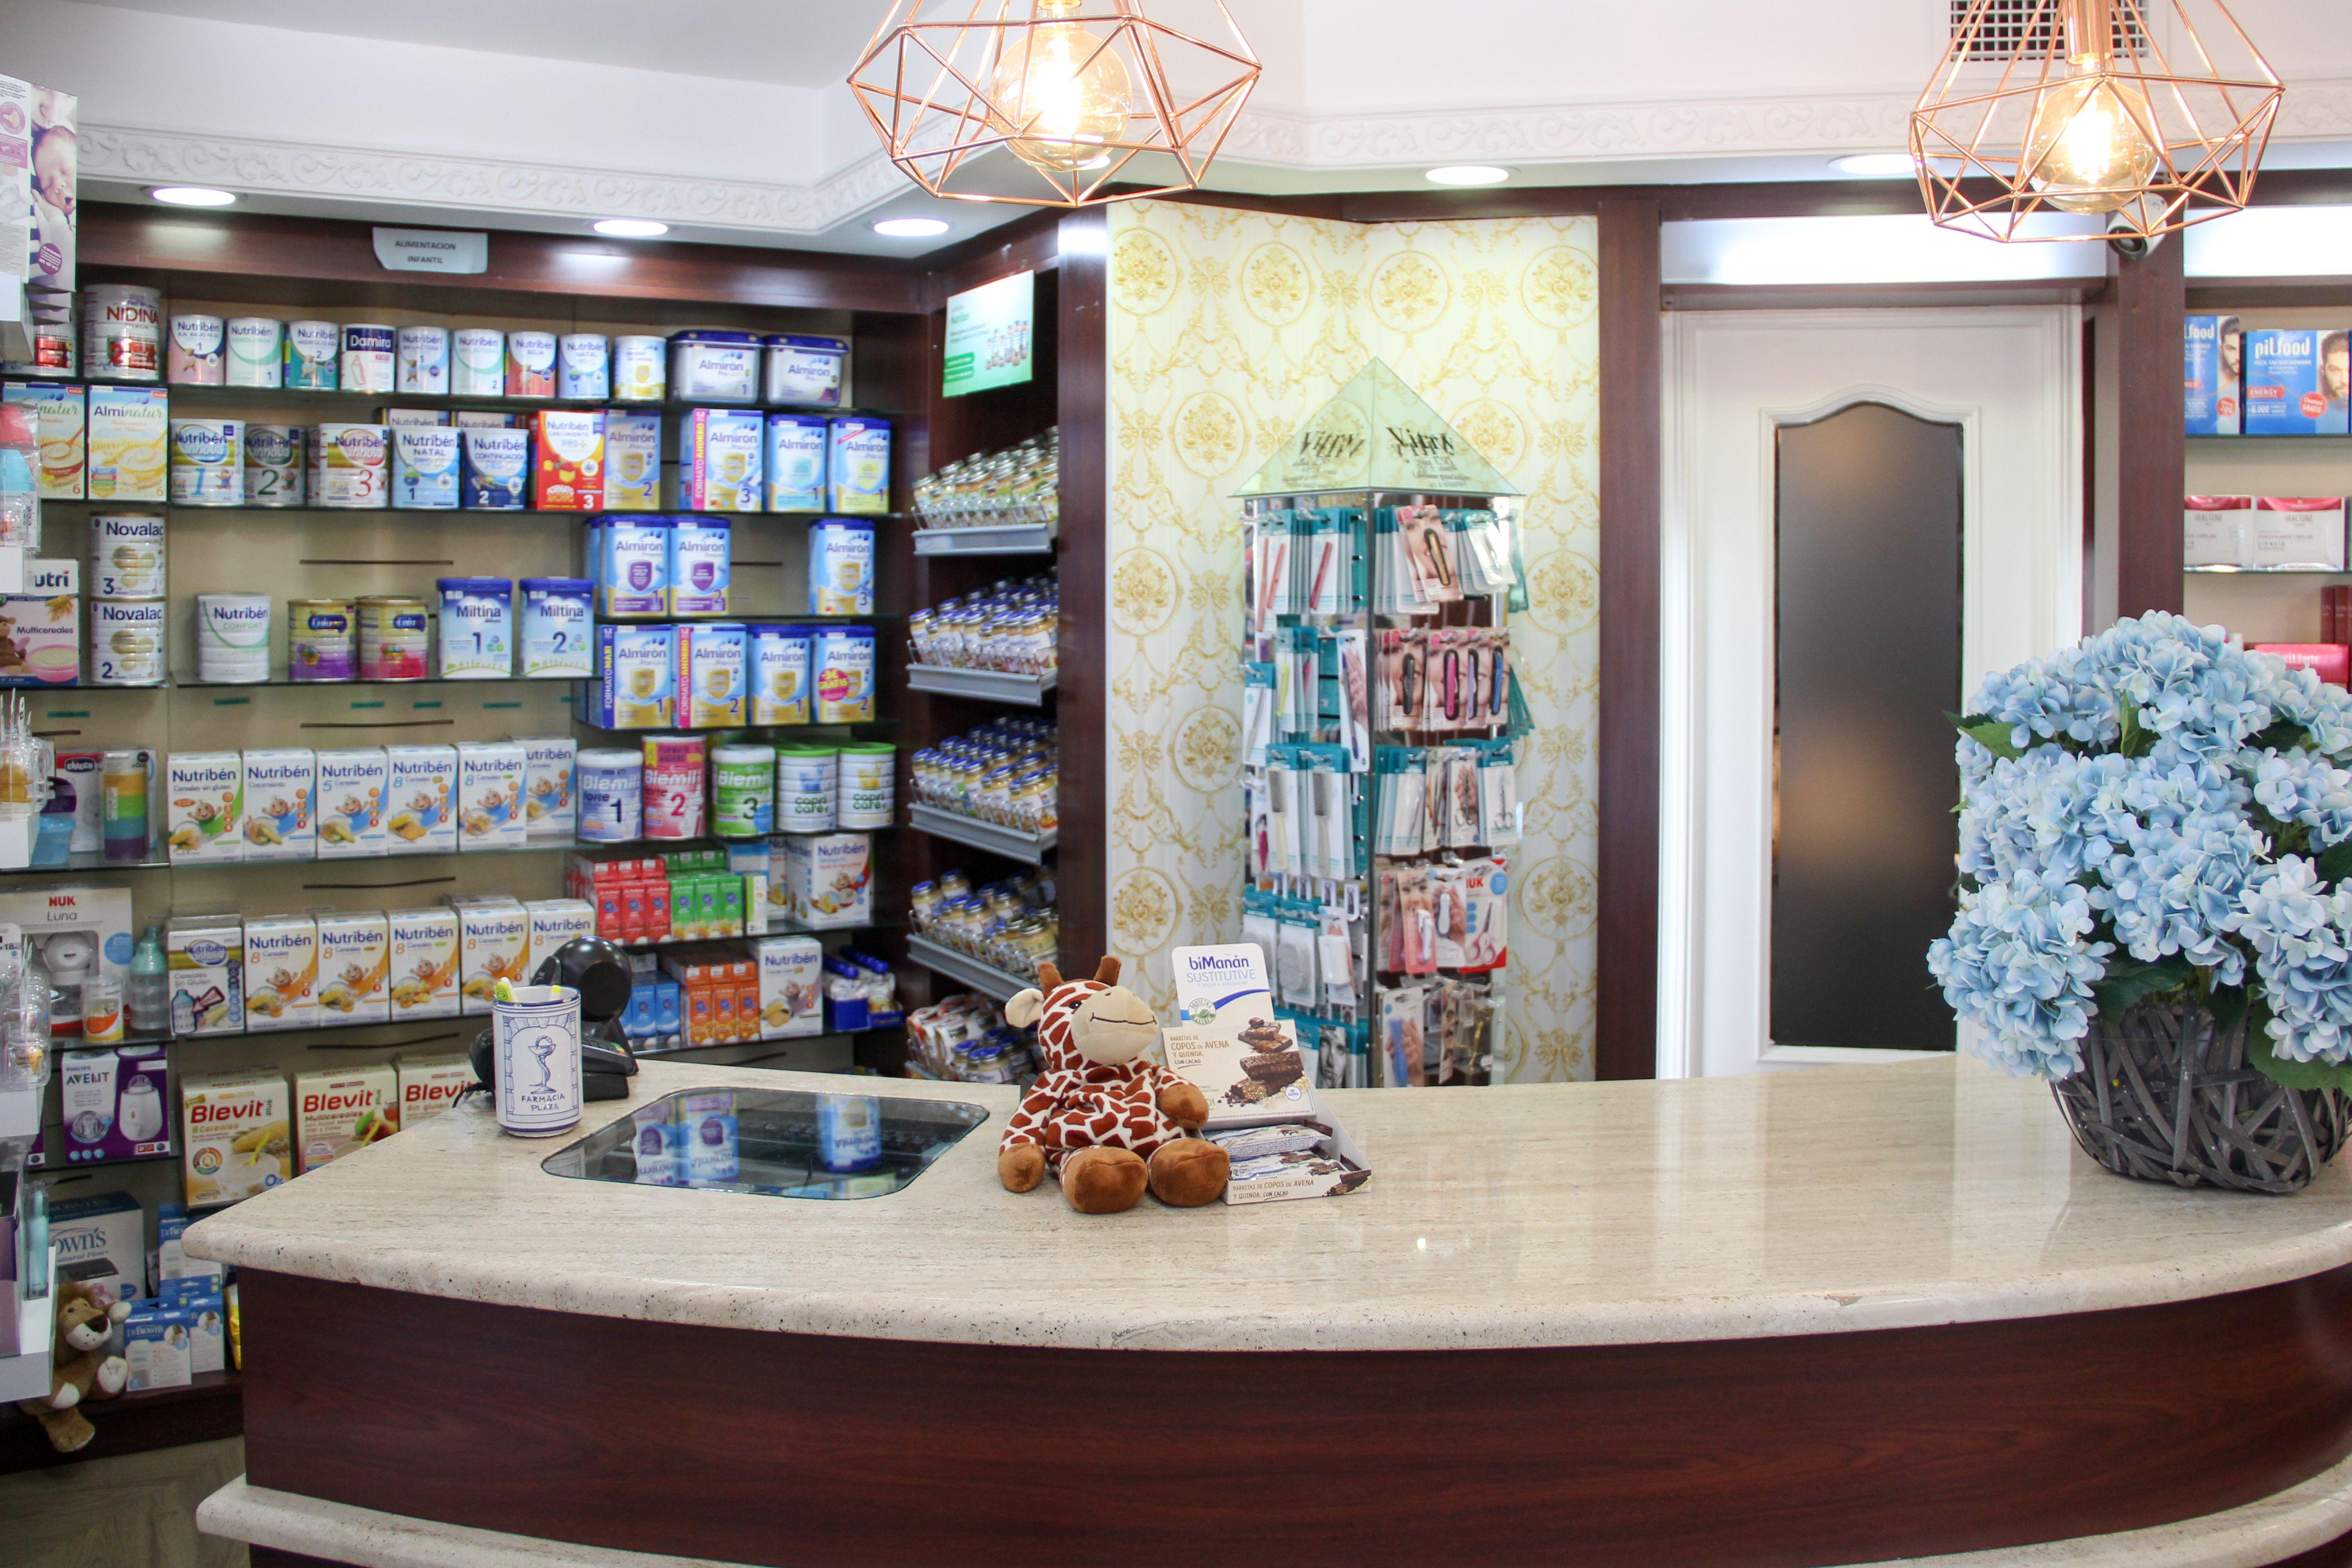 Foto 10 de Parafarmacia en Pozuelo de Alarcón   Farmacia Plaza